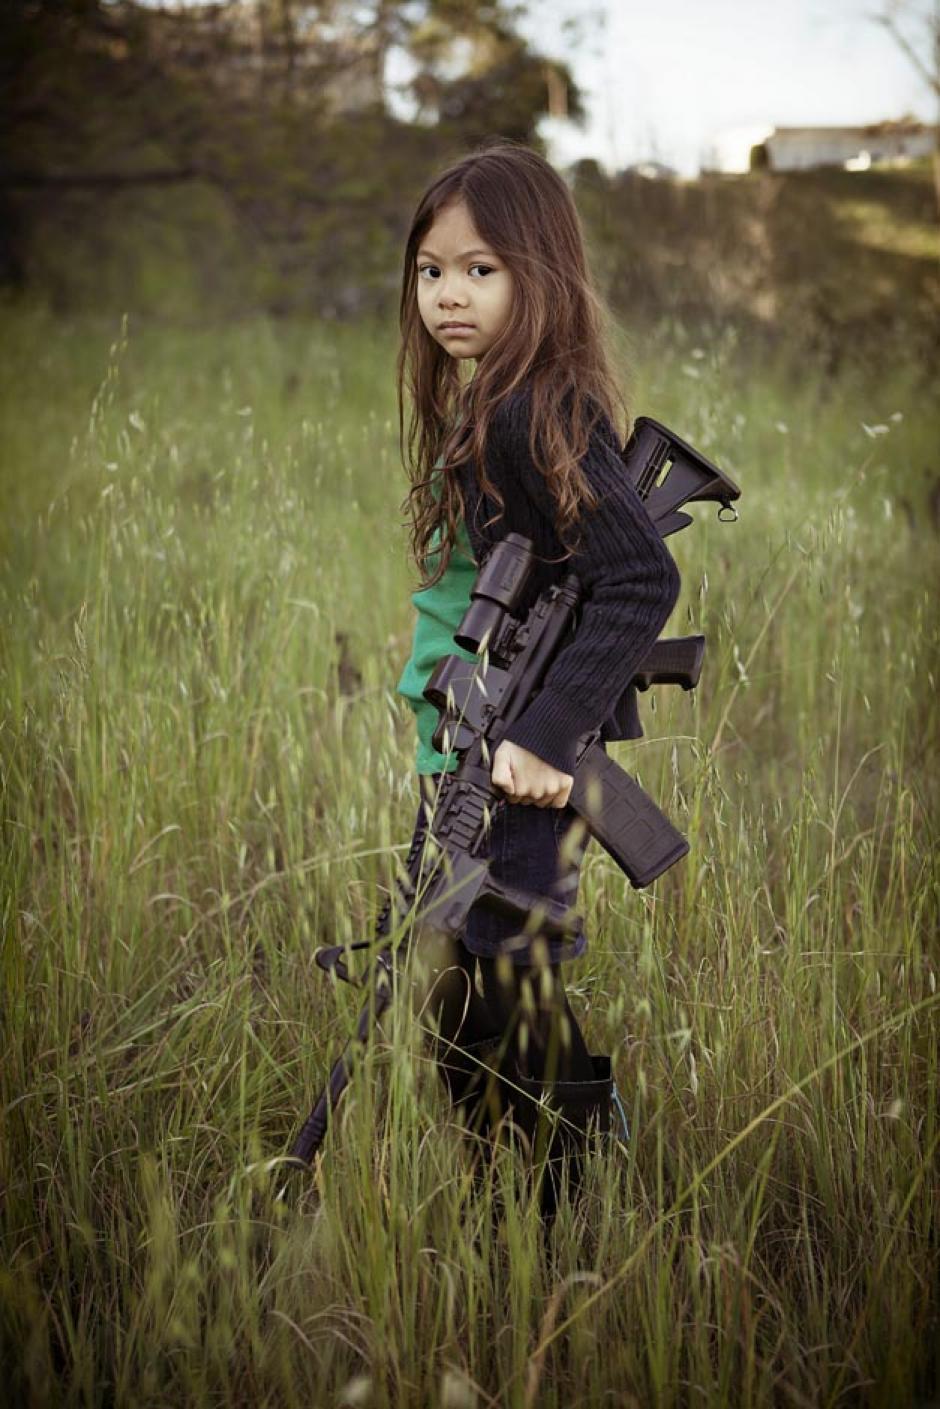 El fotógrafo busca hacer conciencia sobre la venta y el uso de armas de fuego. (Foto: Greg Cohen/EFE)